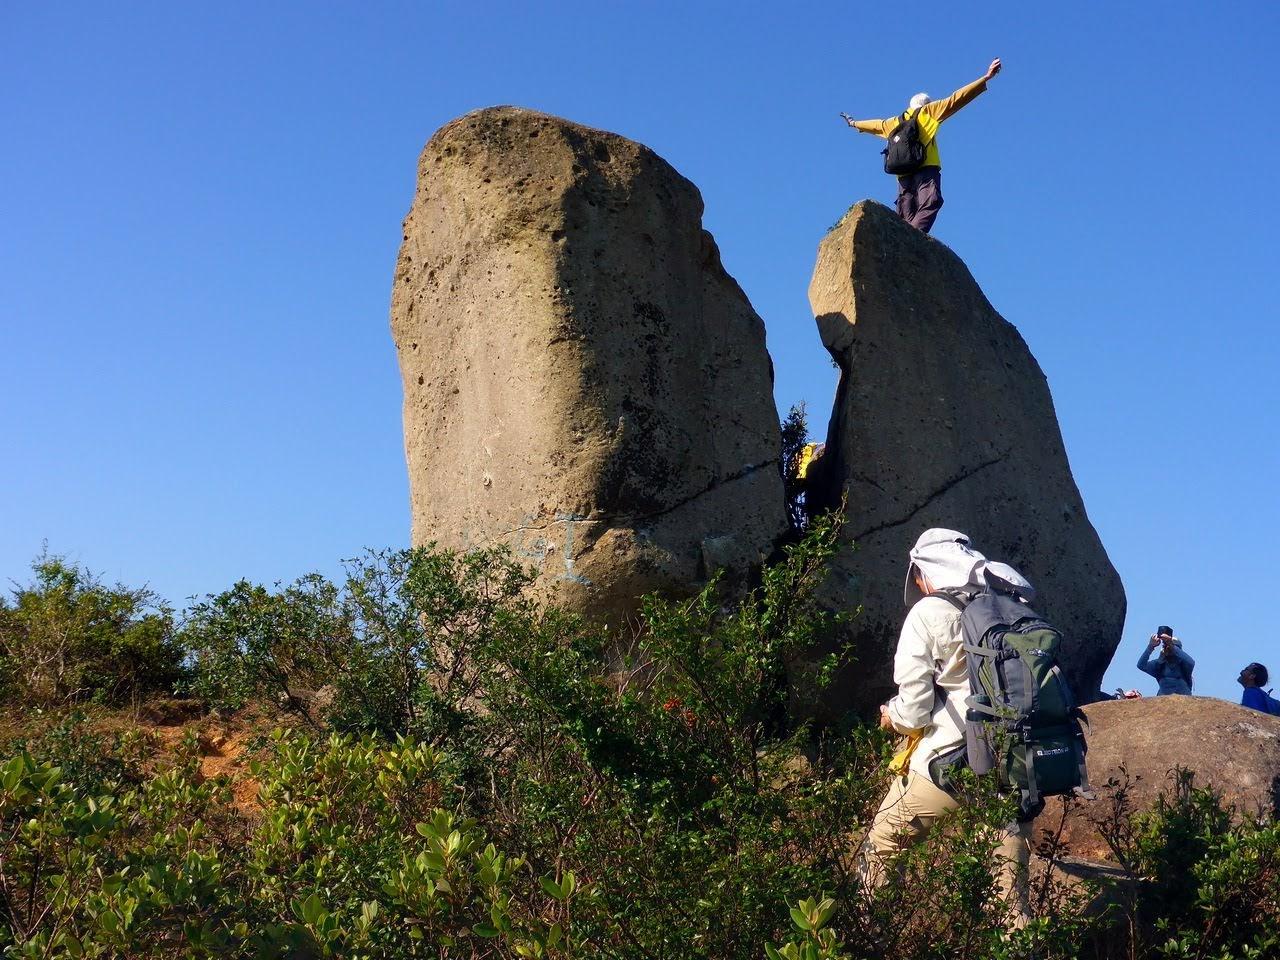 Montrekker's Hiking Blog: 荃景圍-爆石頂-下花山-元荃古道-上塘-蓮花山-煤氣管道-槍會脊